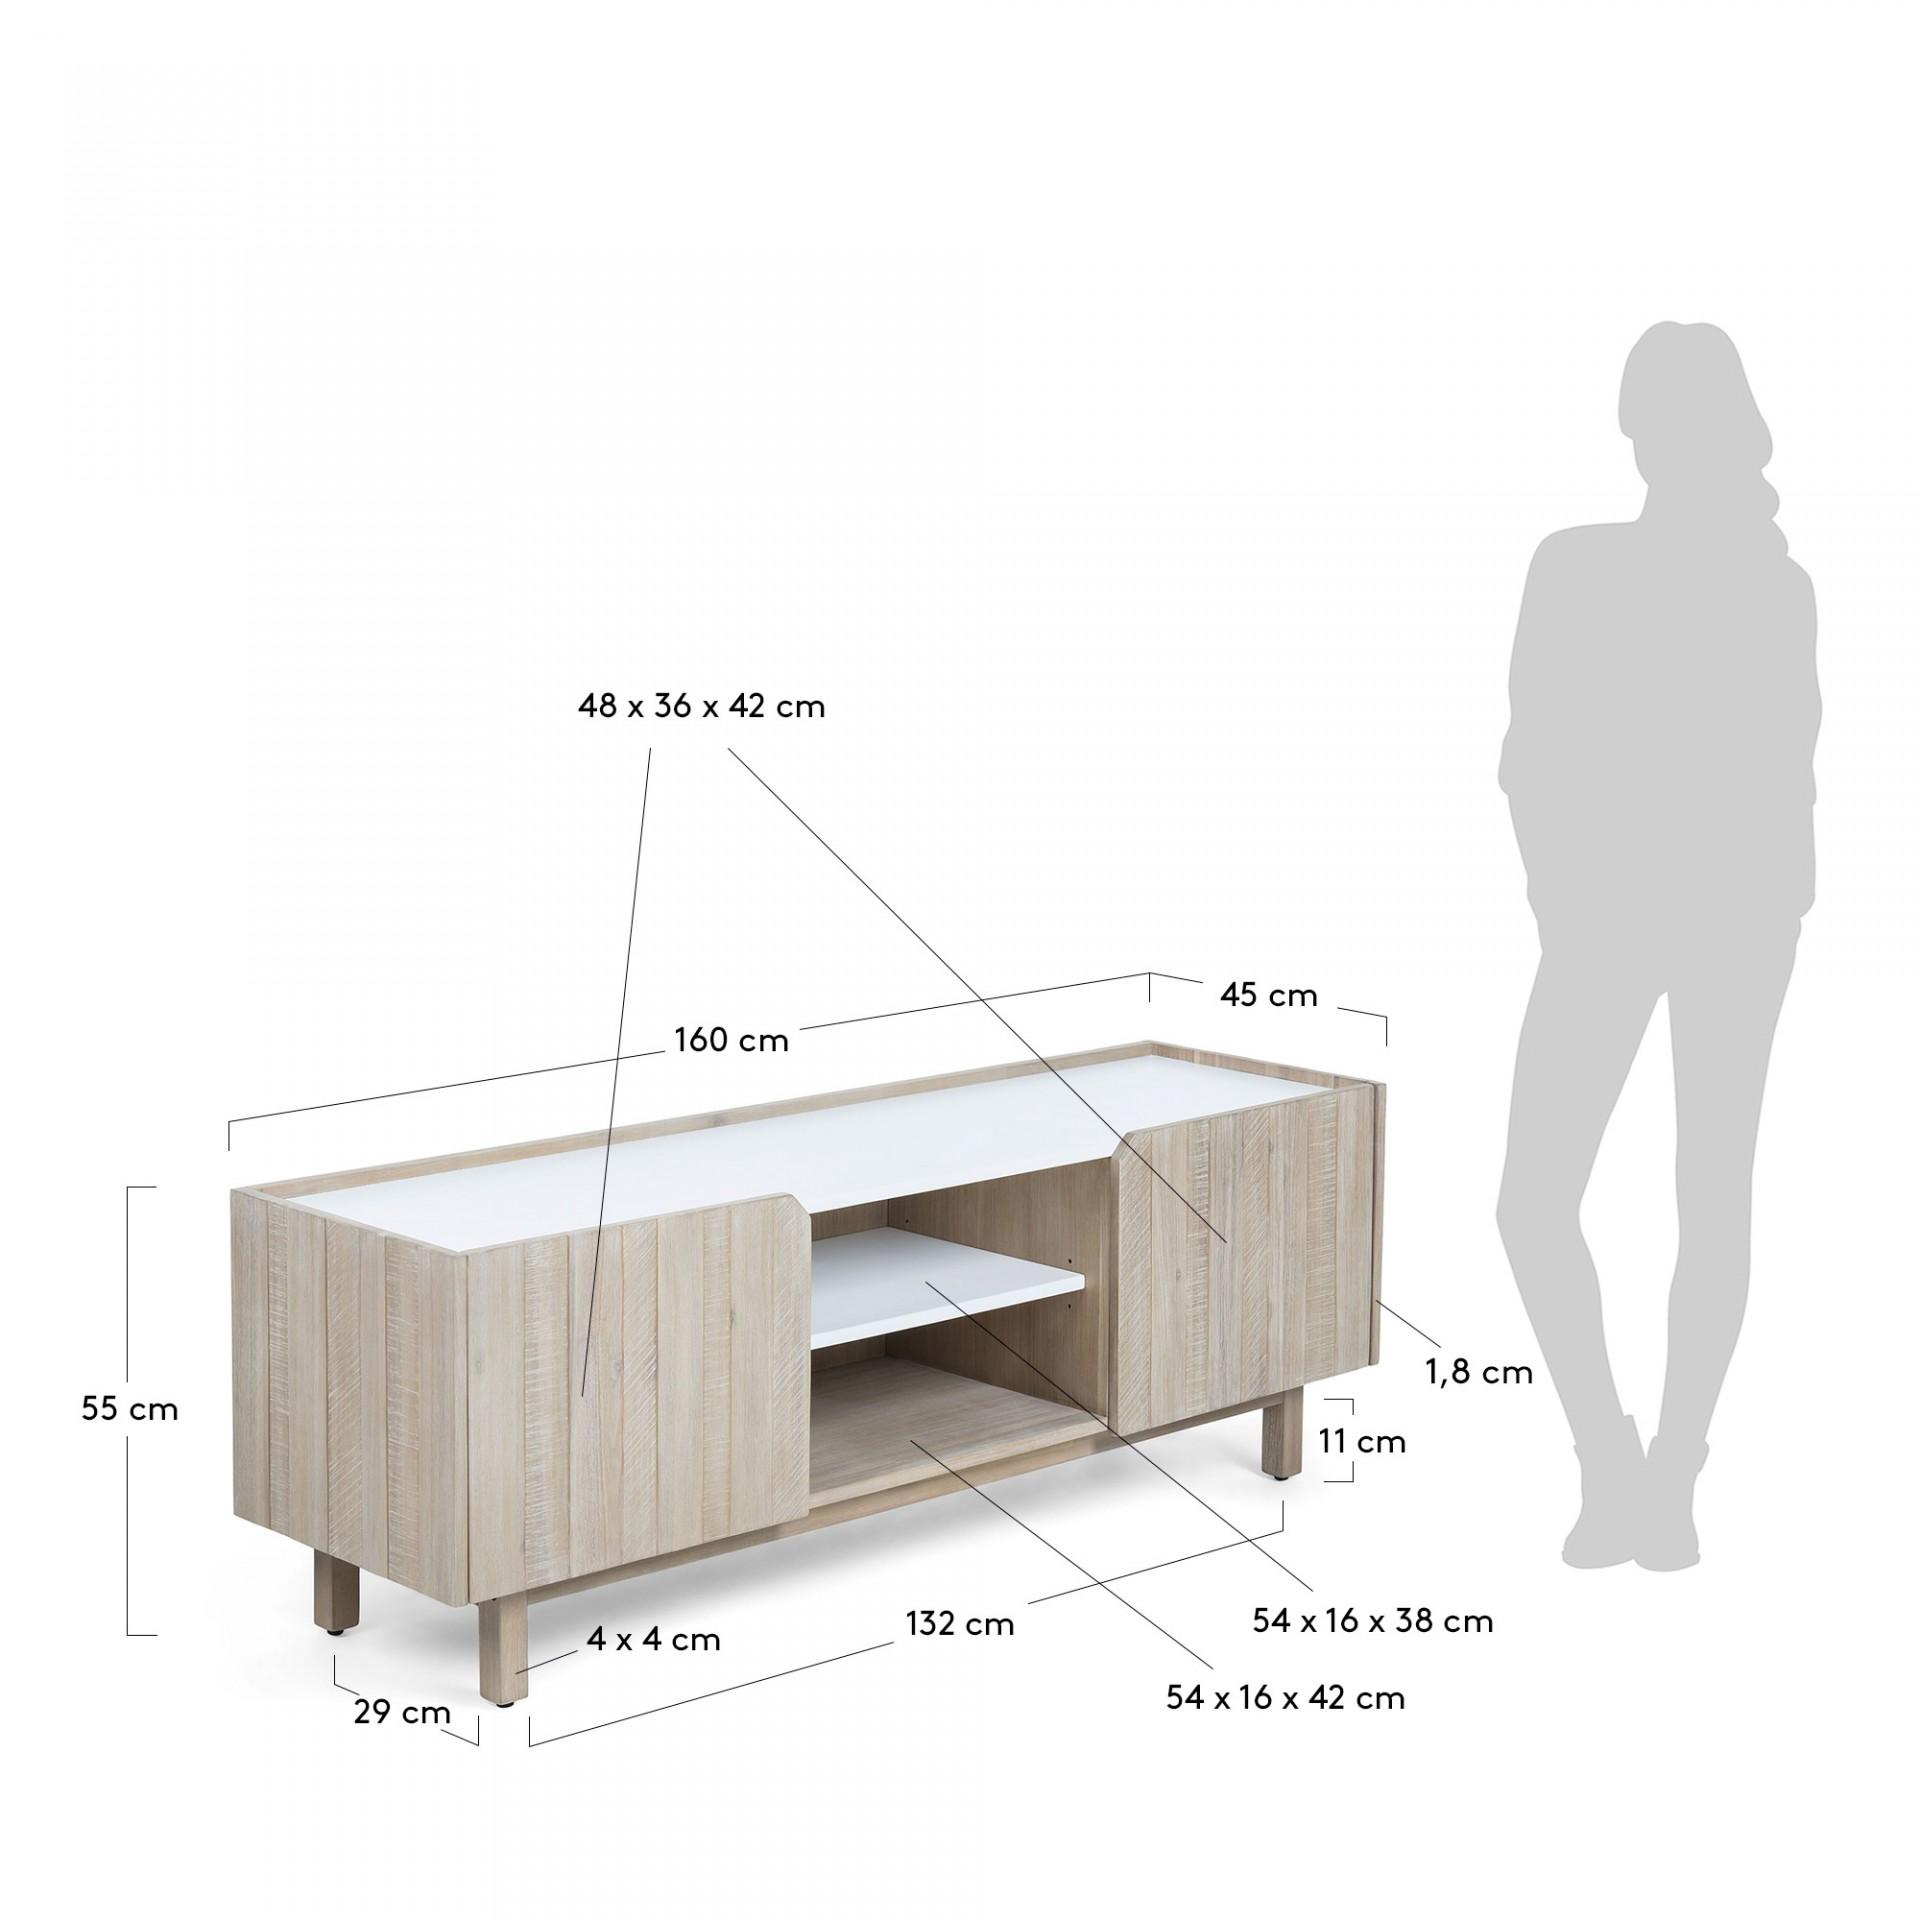 Móvel de TV em madeira de acácia natural, 55x160 cm